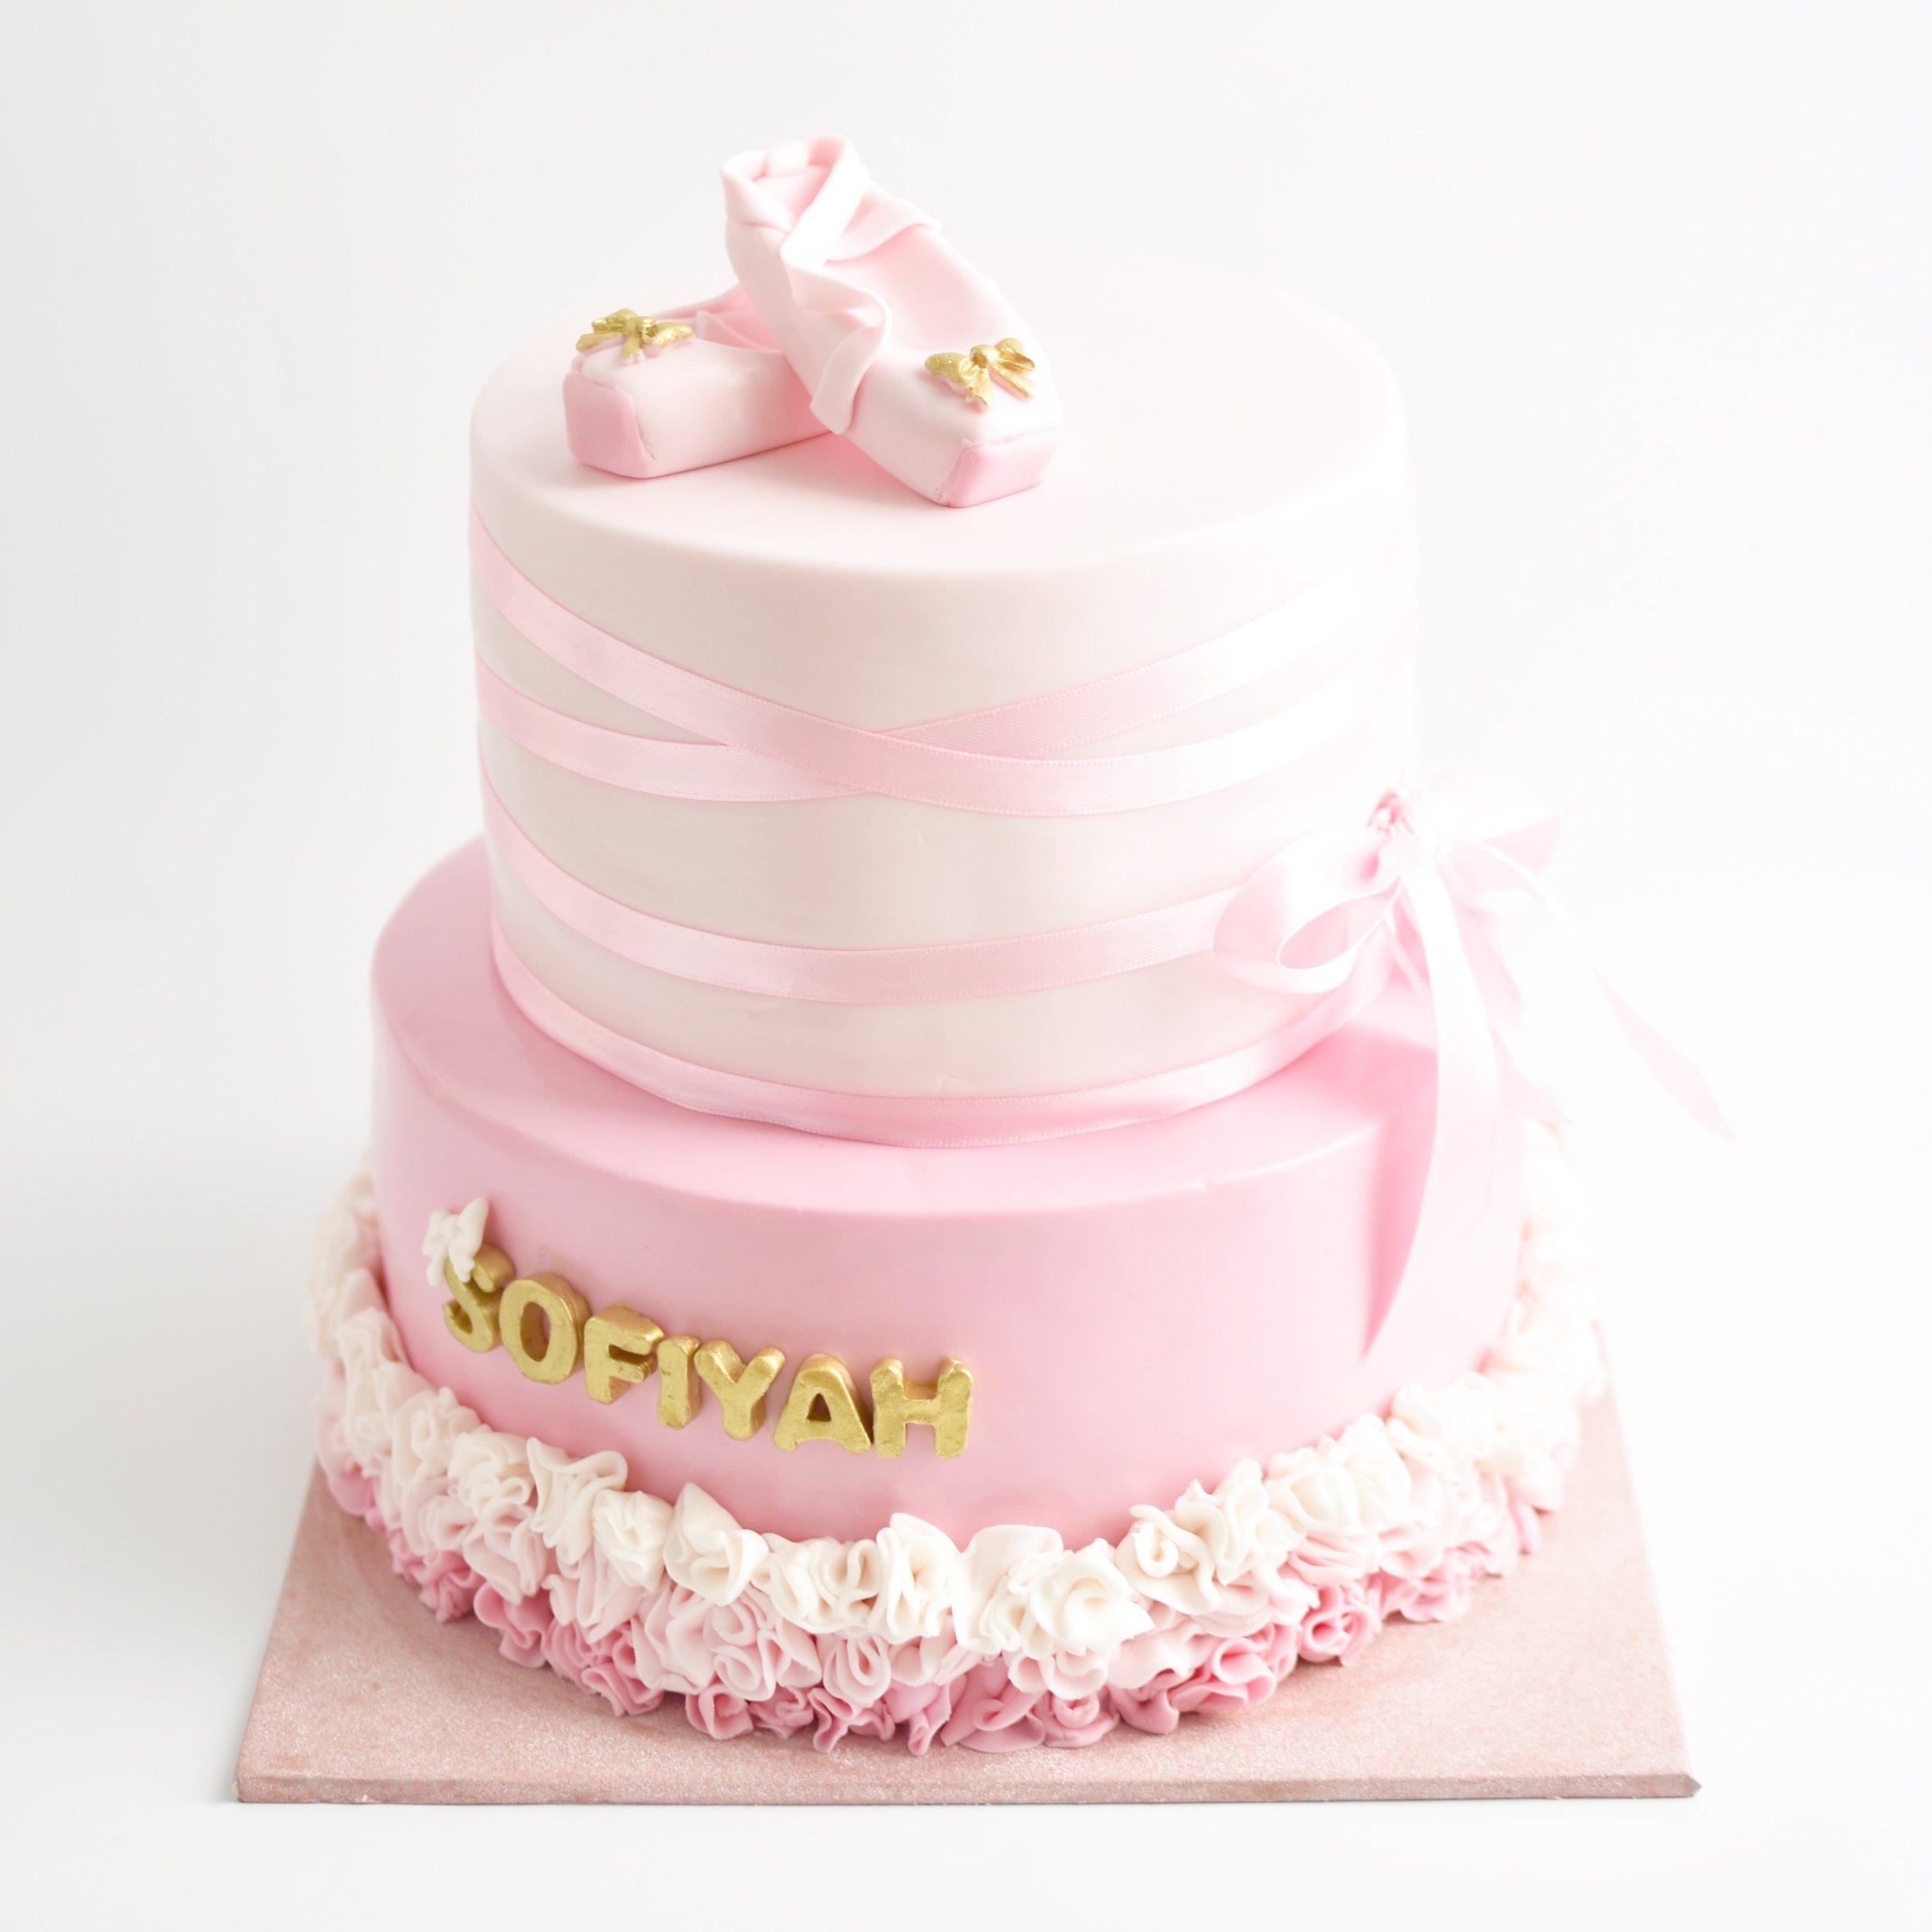 ballet cake.jpg